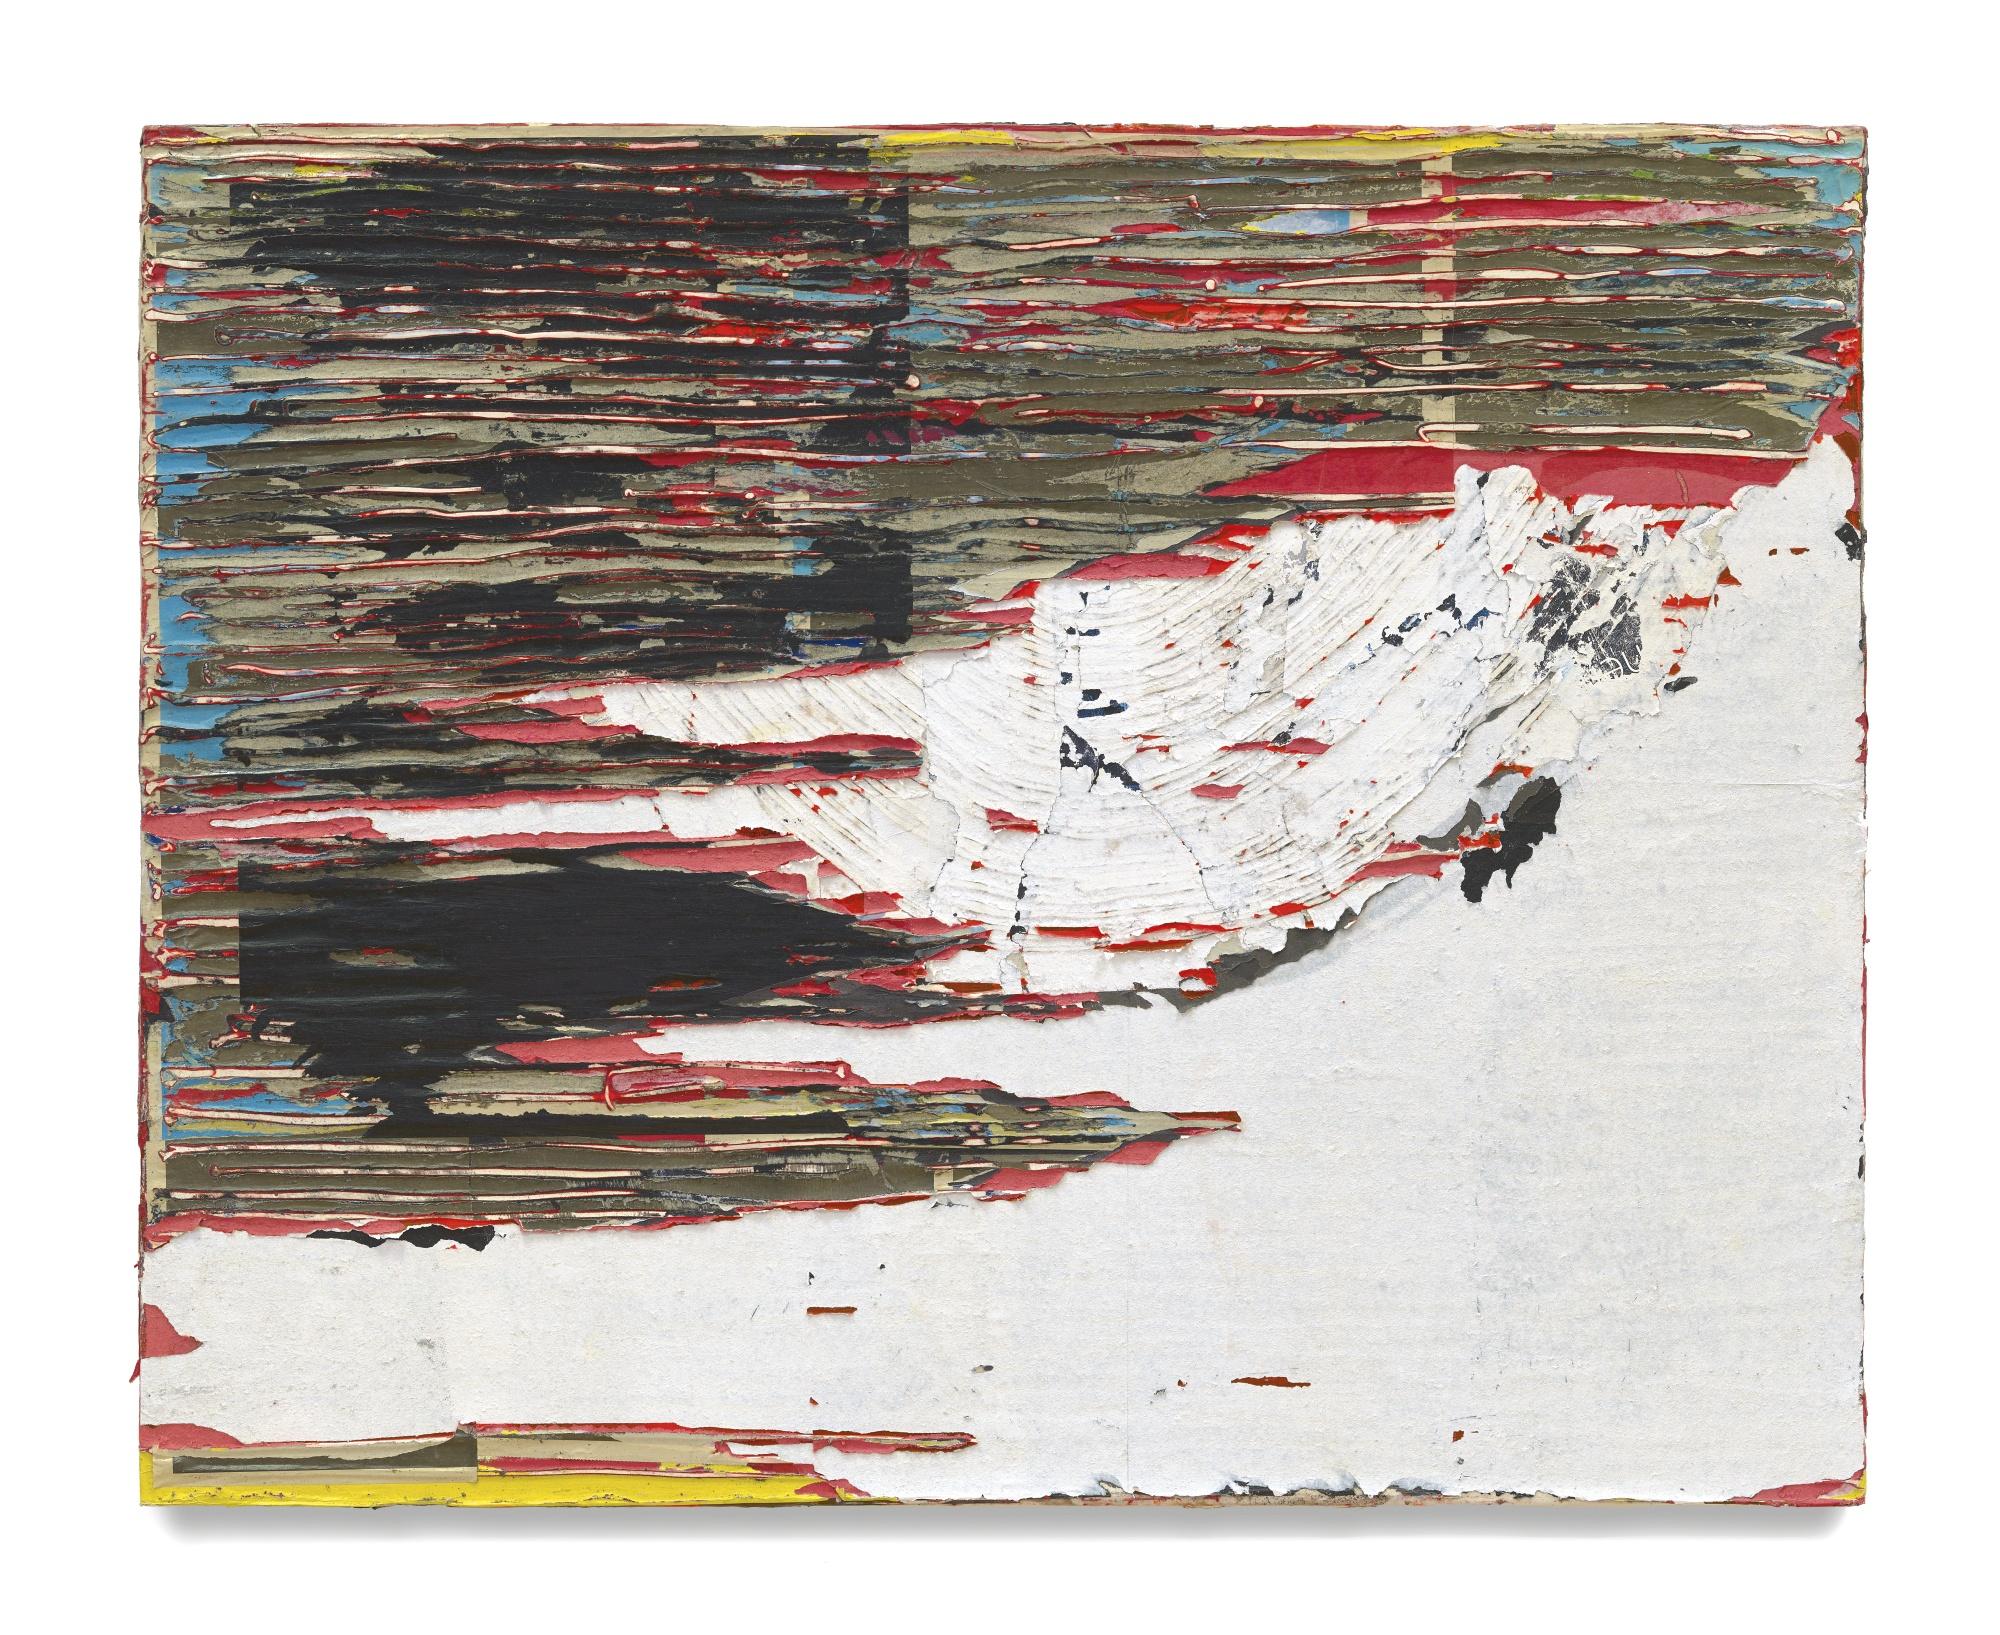 Mark Bradford-Value 60-2010